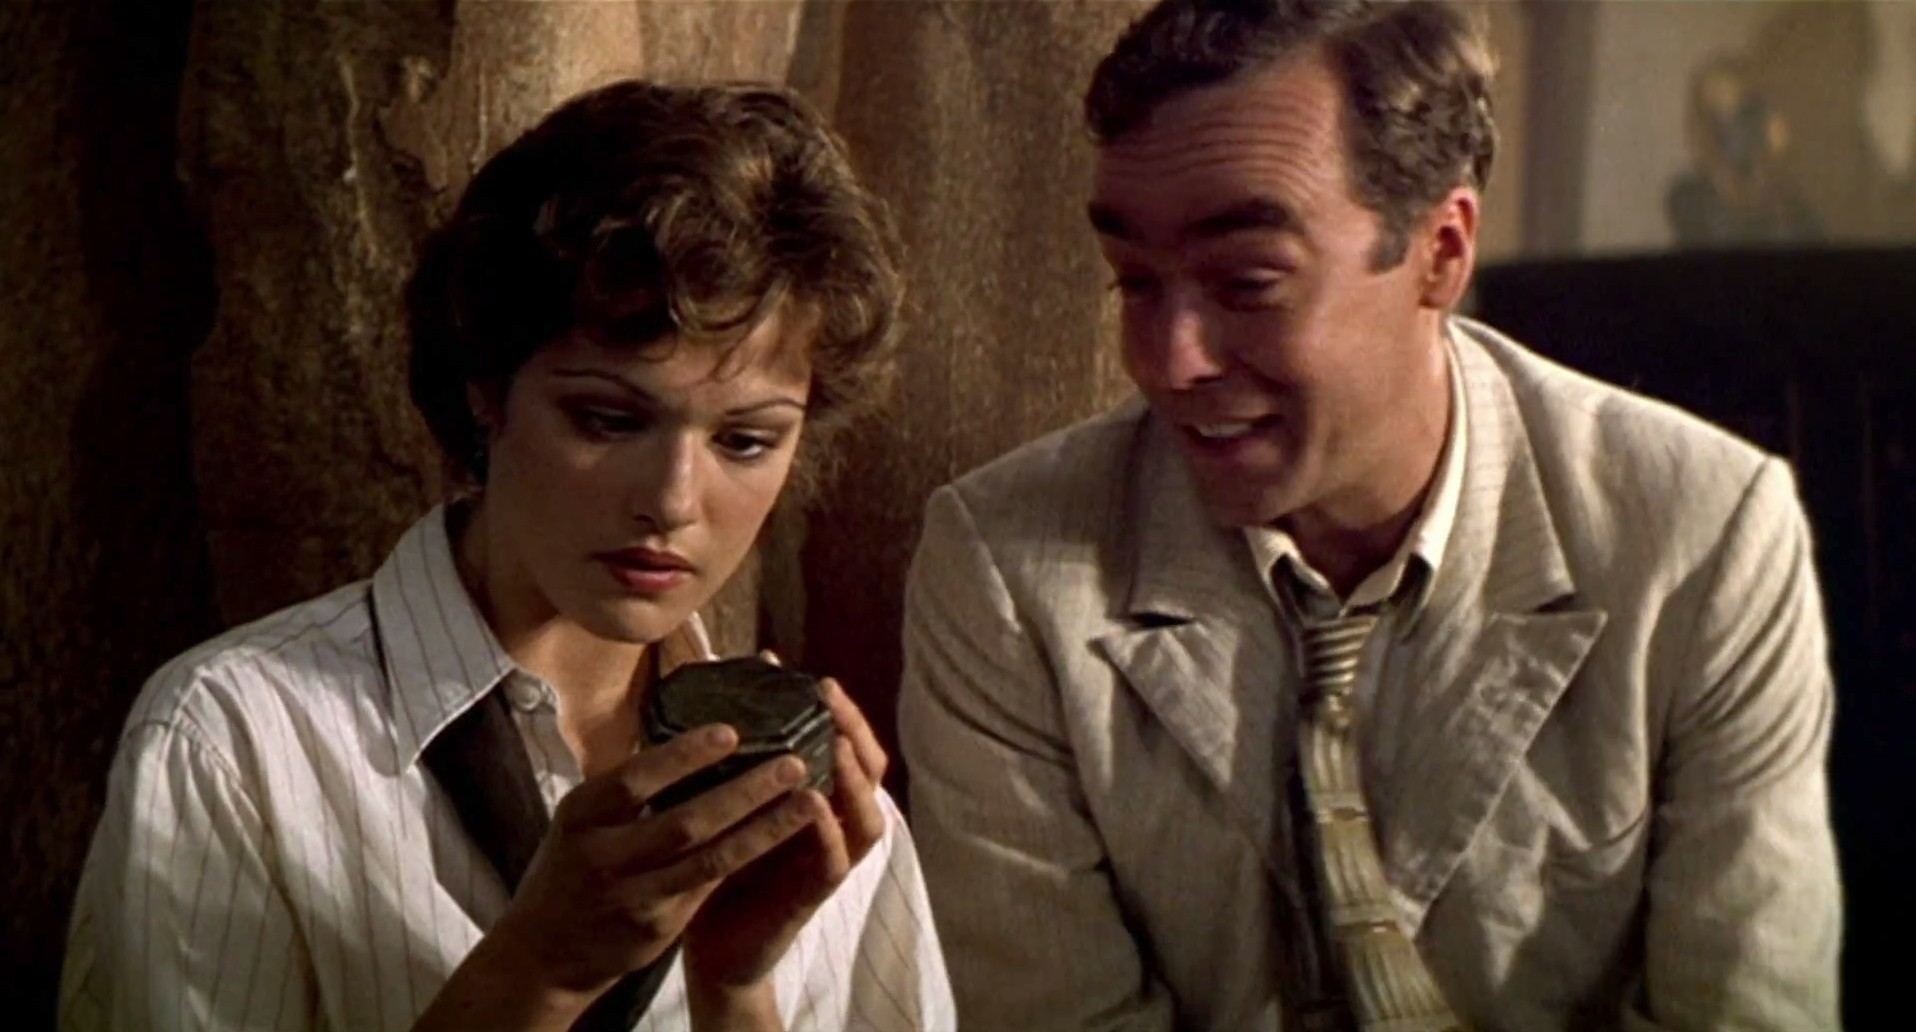 Thủ ngay bí kíp thoát chết trong phim kinh dị qua 7 hành động thiếu muối của các nhân vật chính - Ảnh 4.